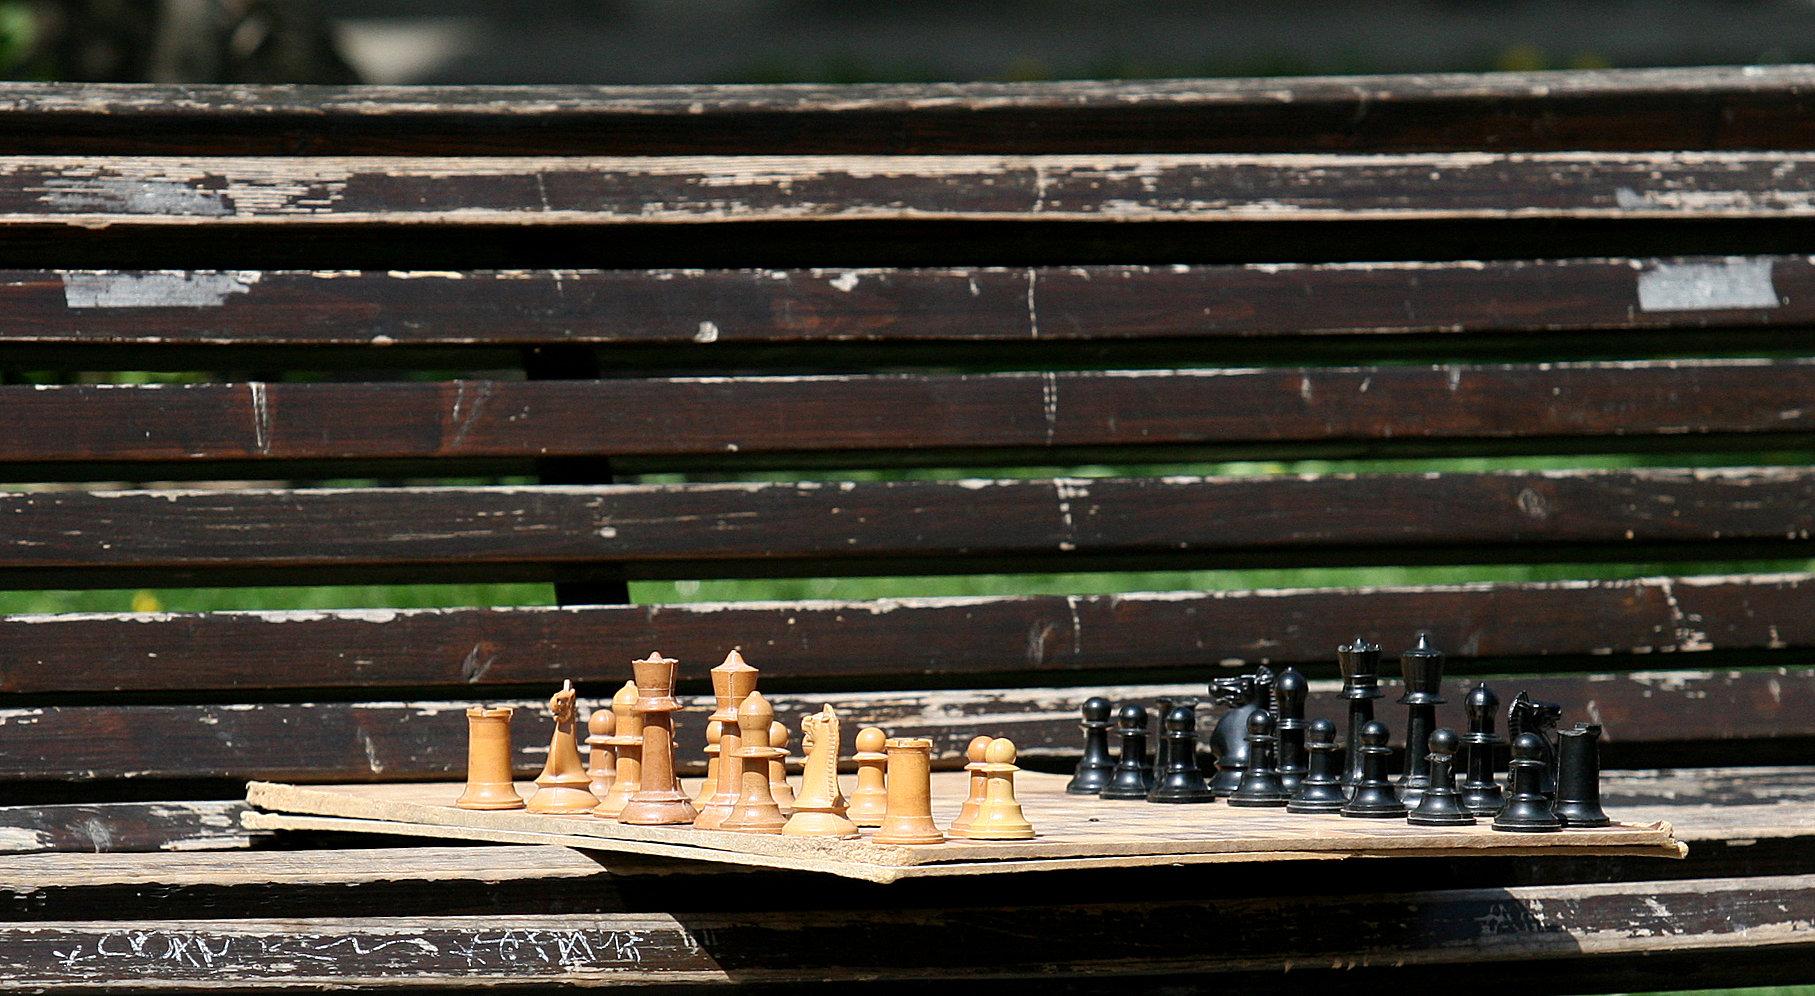 Градската градина е любимото място за срещи на любителите на шаха. Техните колоритни двубои са забавни и ще ви усмихнат със своето добро настроение